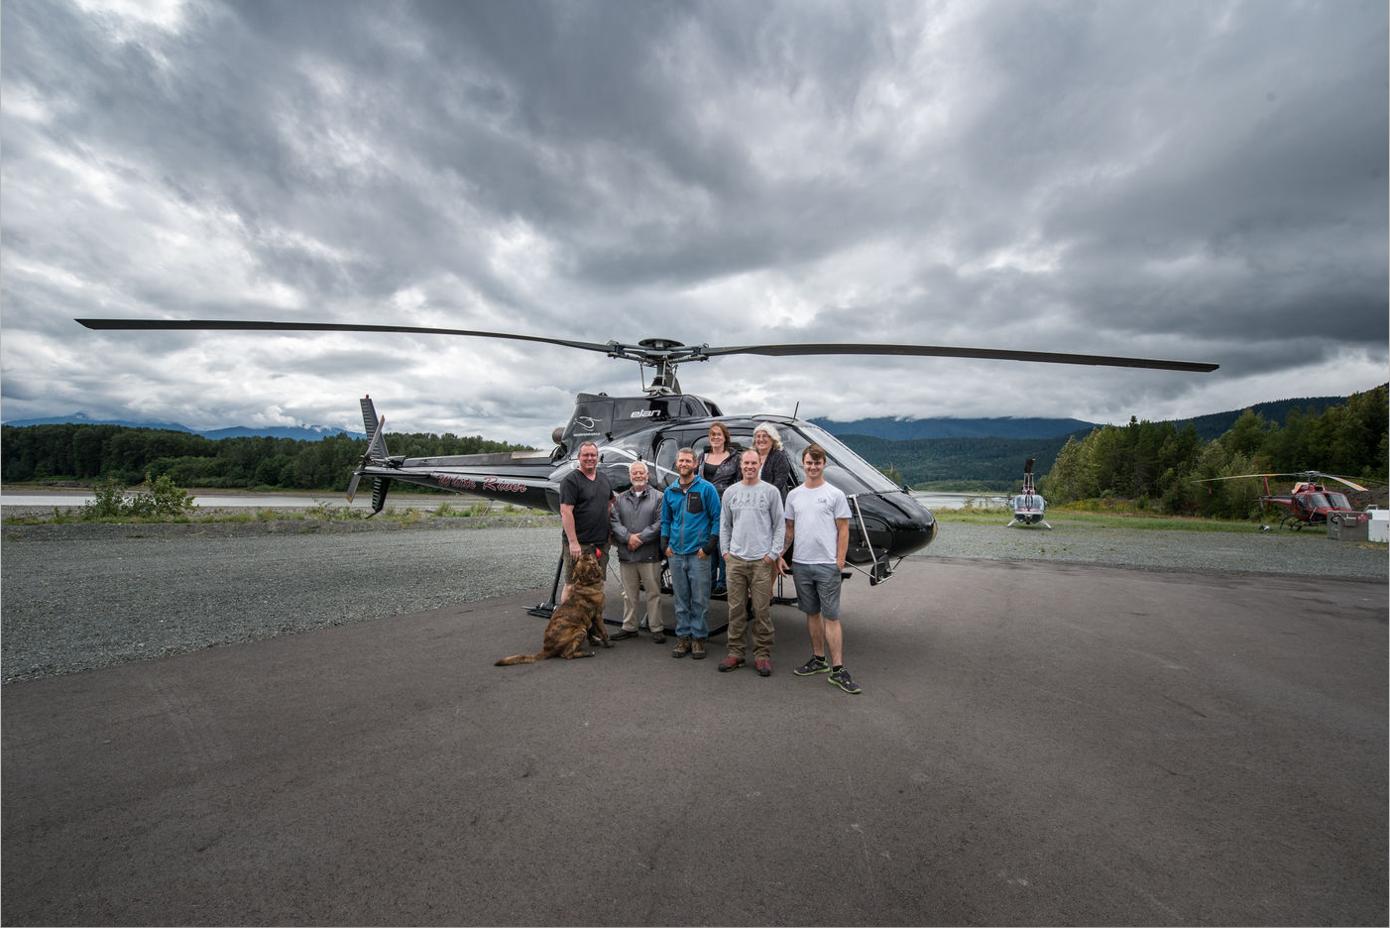 Neu 2017 in der Skeena Salmon Lodge: Gäste können mit dem Helikopter schnell und sicher an sonst unzugängliche Stellen gebracht werden!